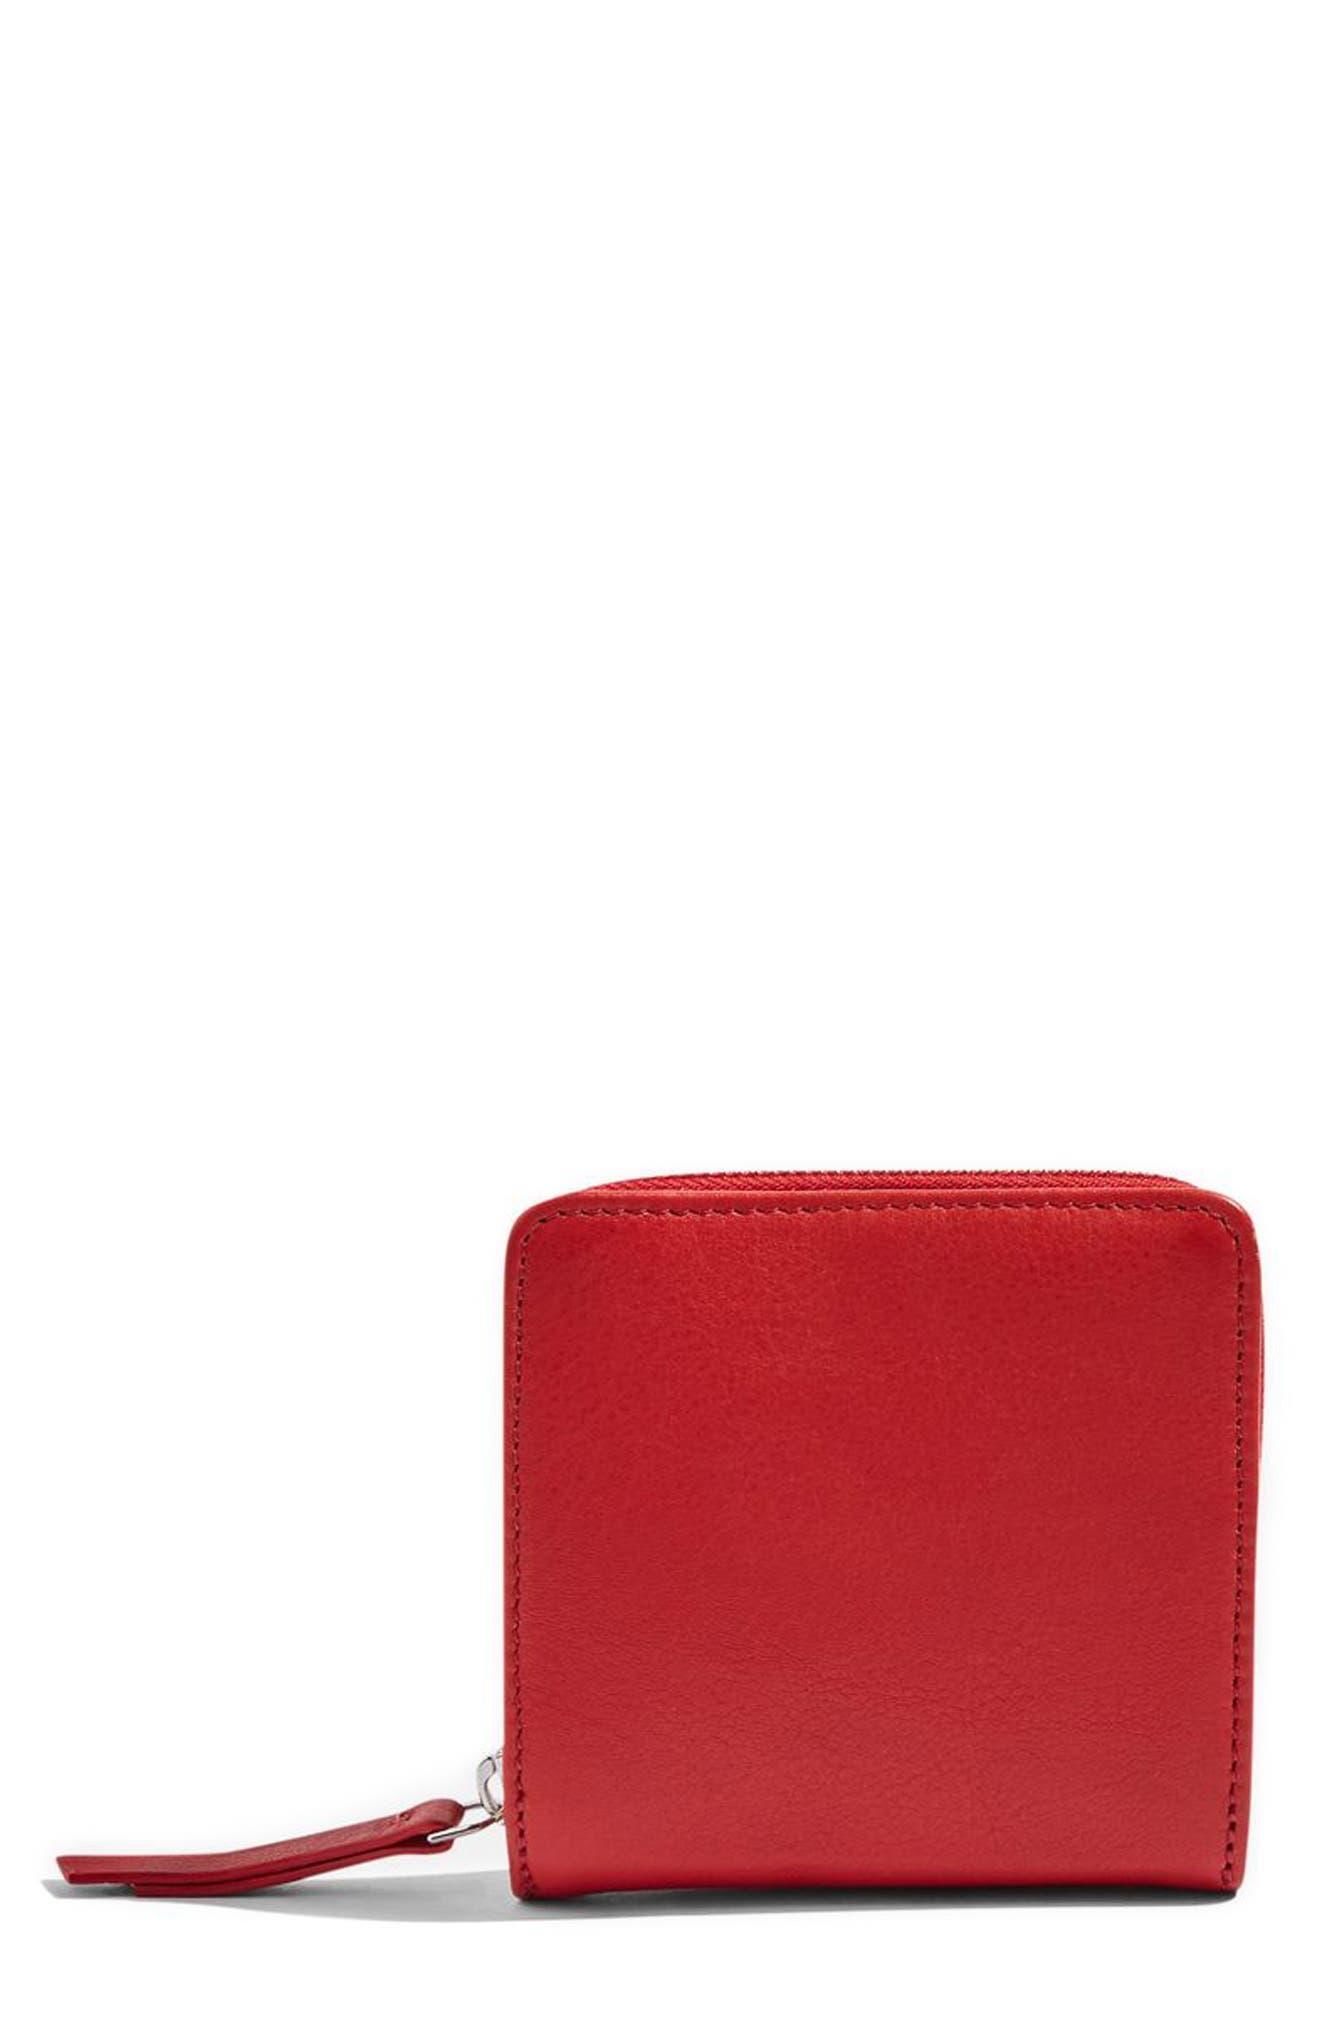 Topshop Leather Zip Around Wallet